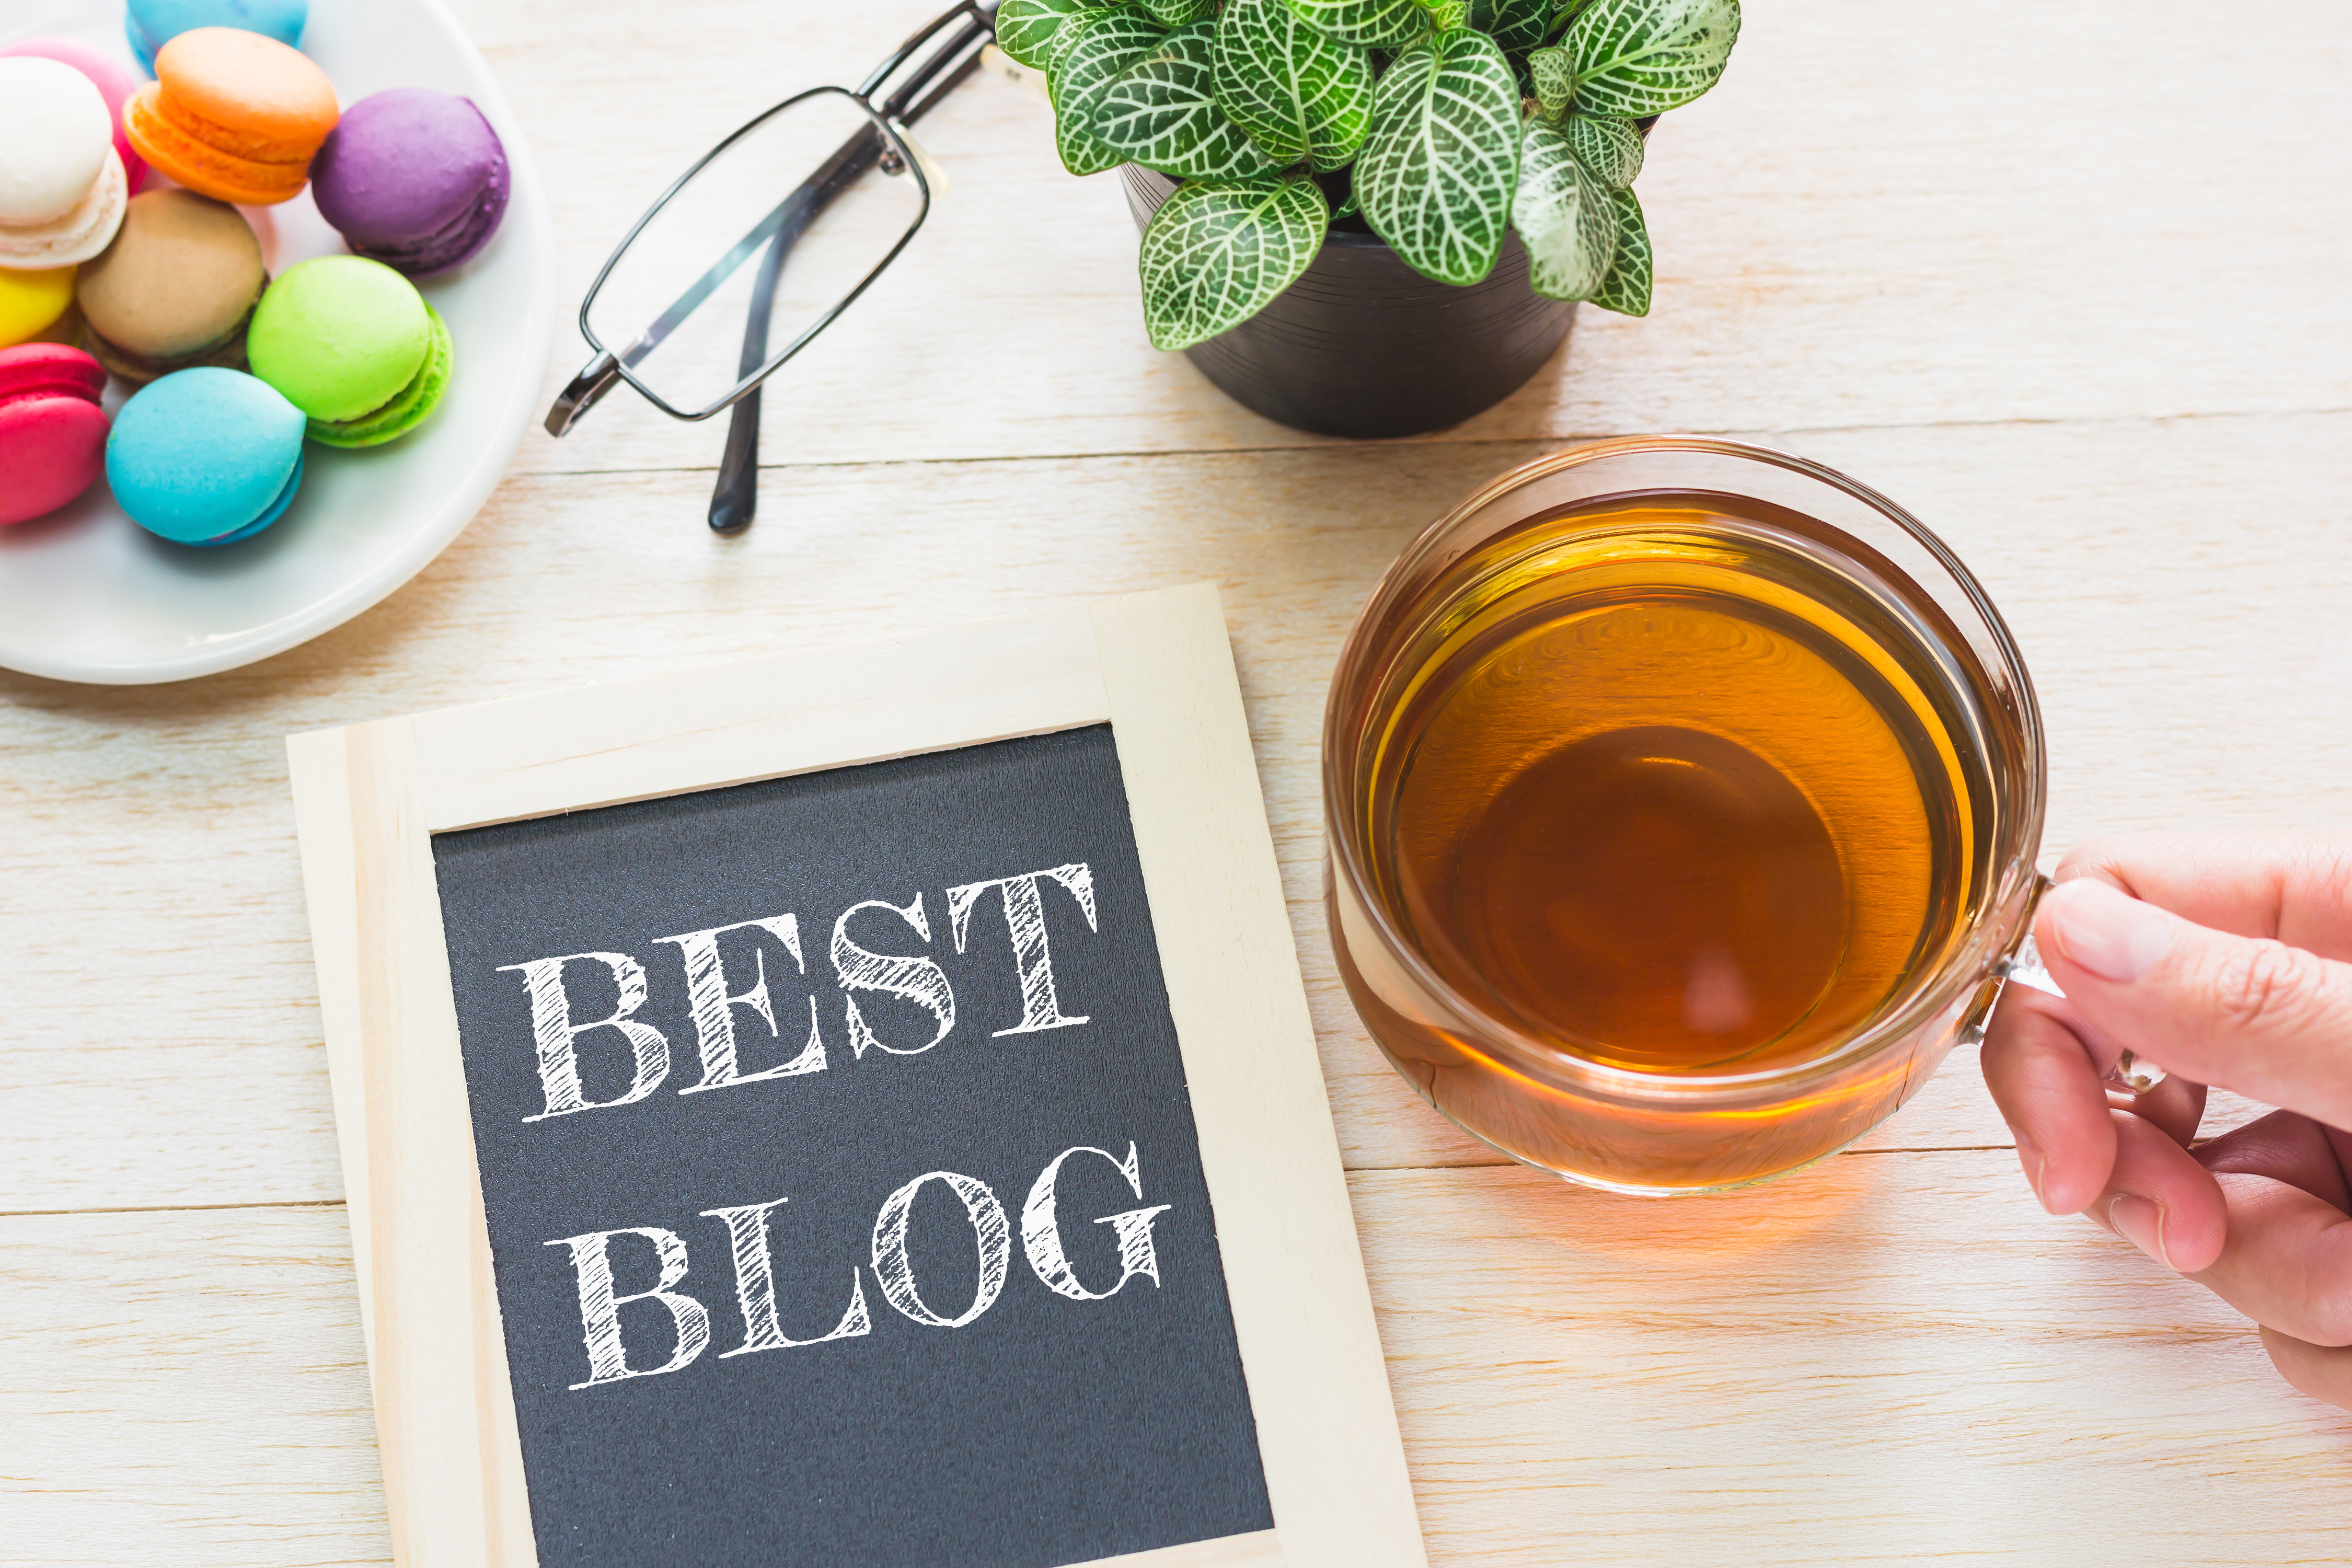 Best blogs of 2018